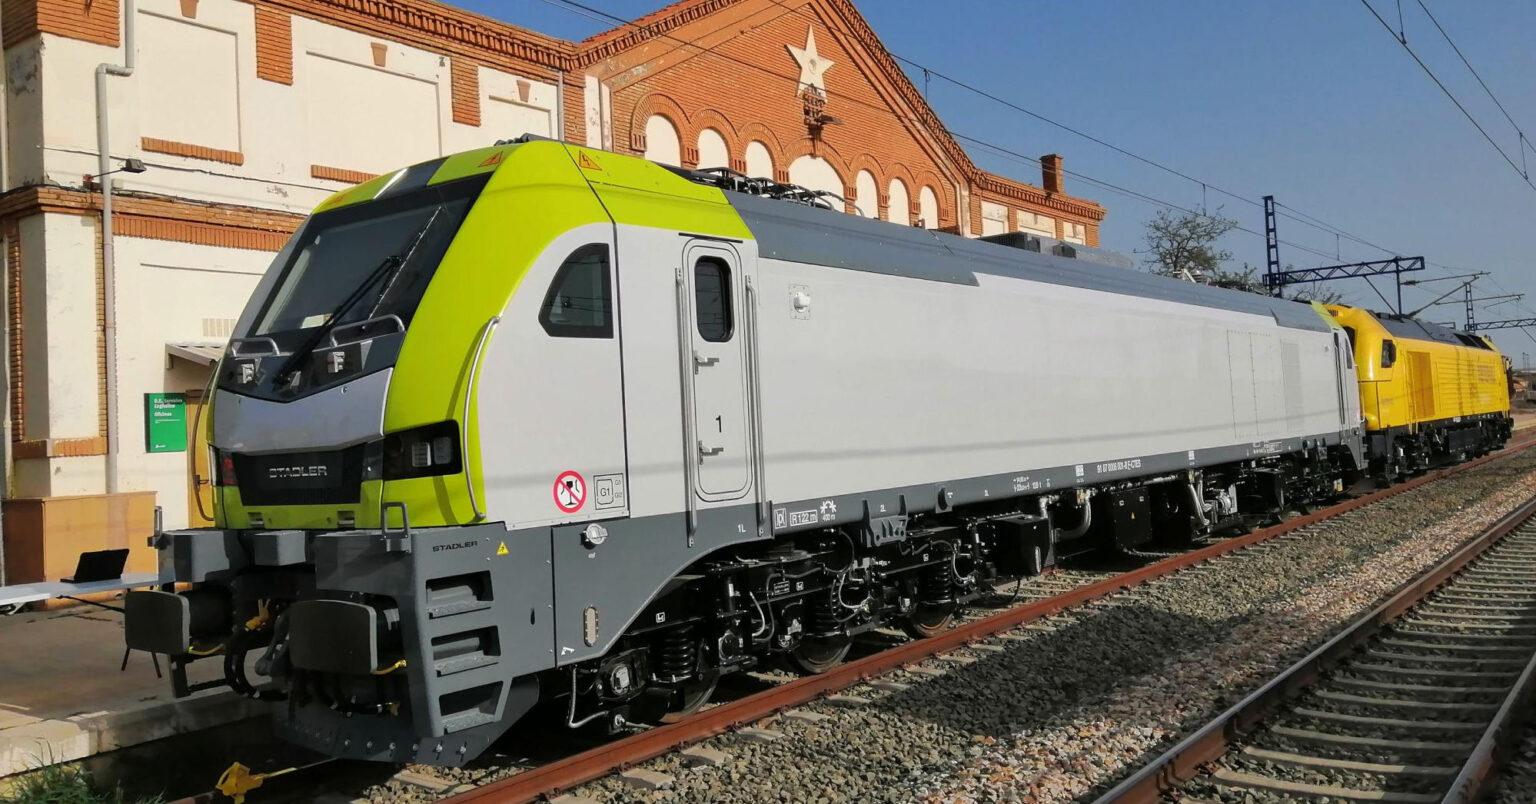 La primera locomotora de la familia Euro6000 en salir de fábrica, estacionada en la estación de Zuera. © CAPTRAIN ESPAÑA.